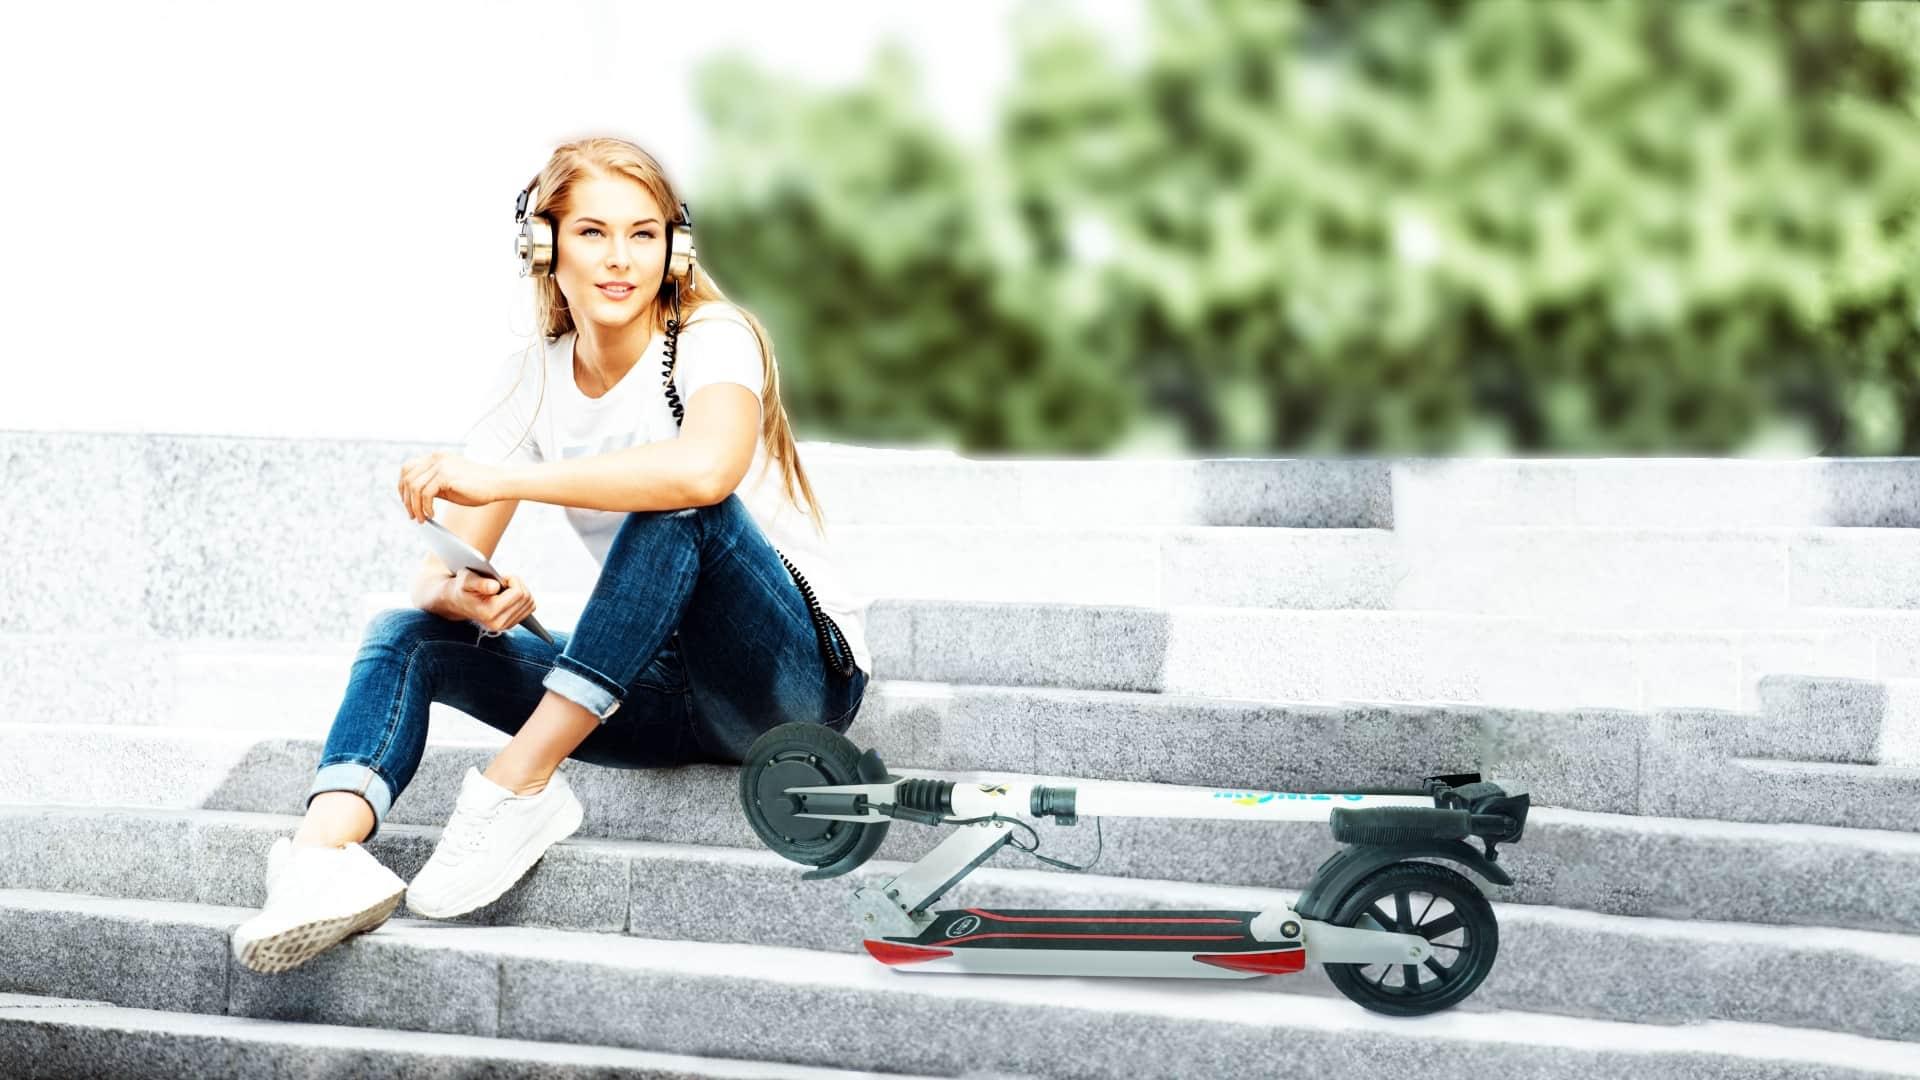 ηλεκτρικά_πατίνια_ηλεκτρικά_ποδήλατα